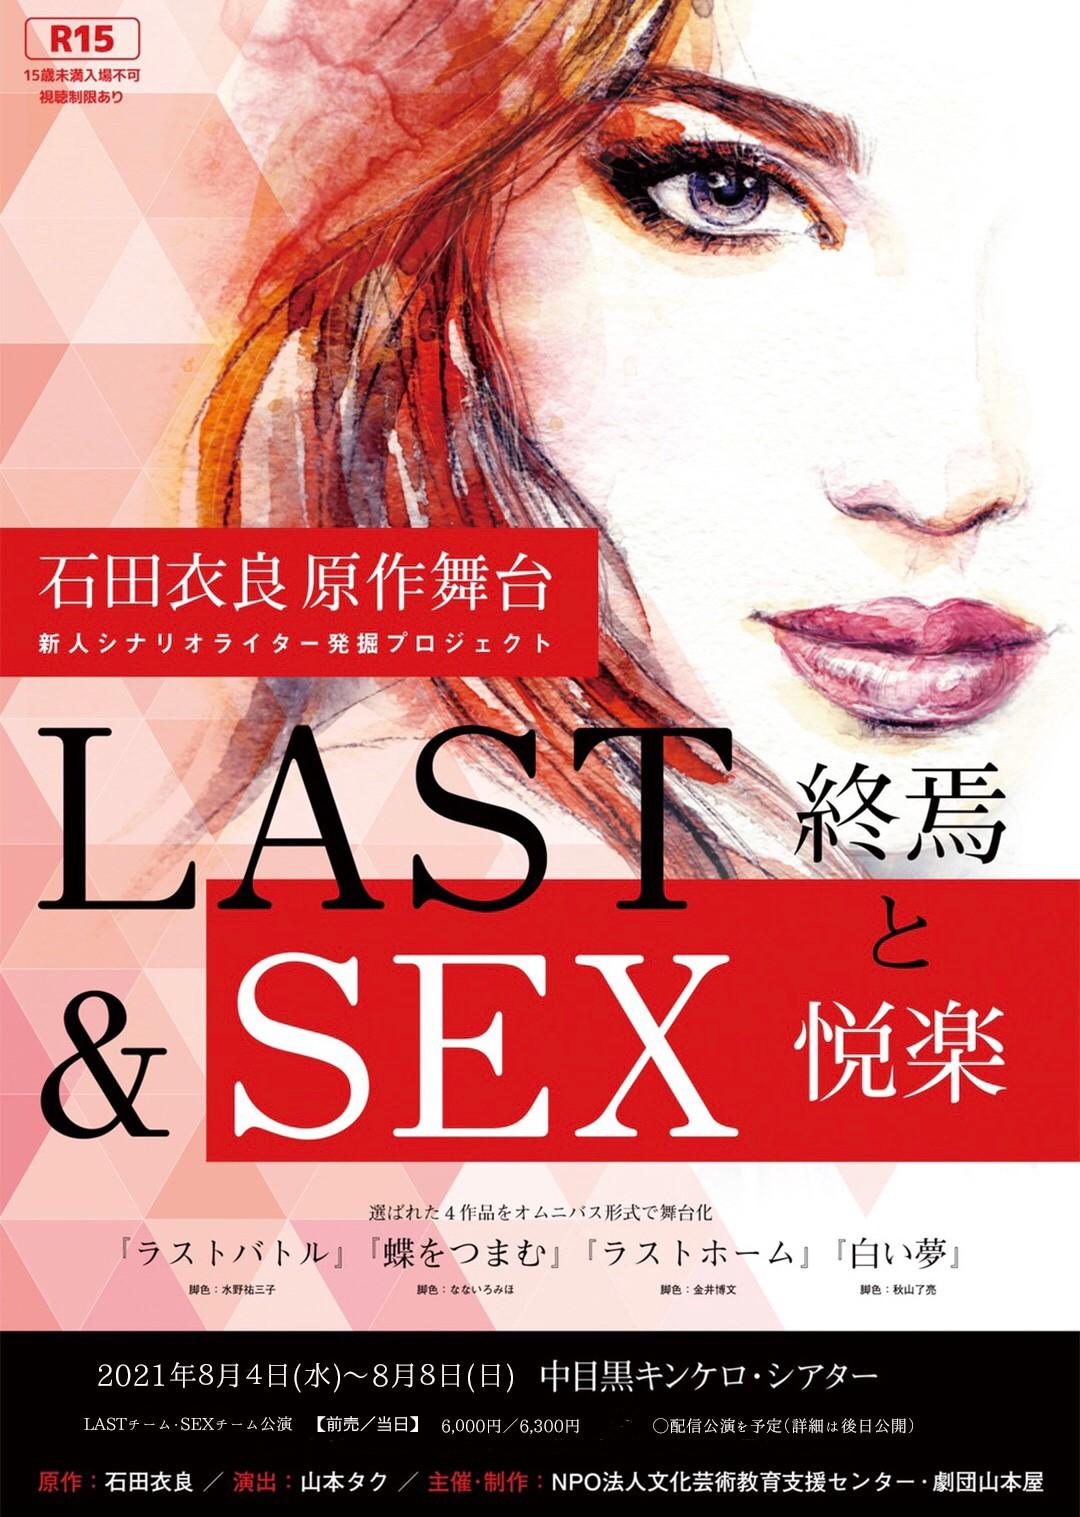 石田衣良原作舞台「LAST&SEX」終焉と悦楽 Sチーム